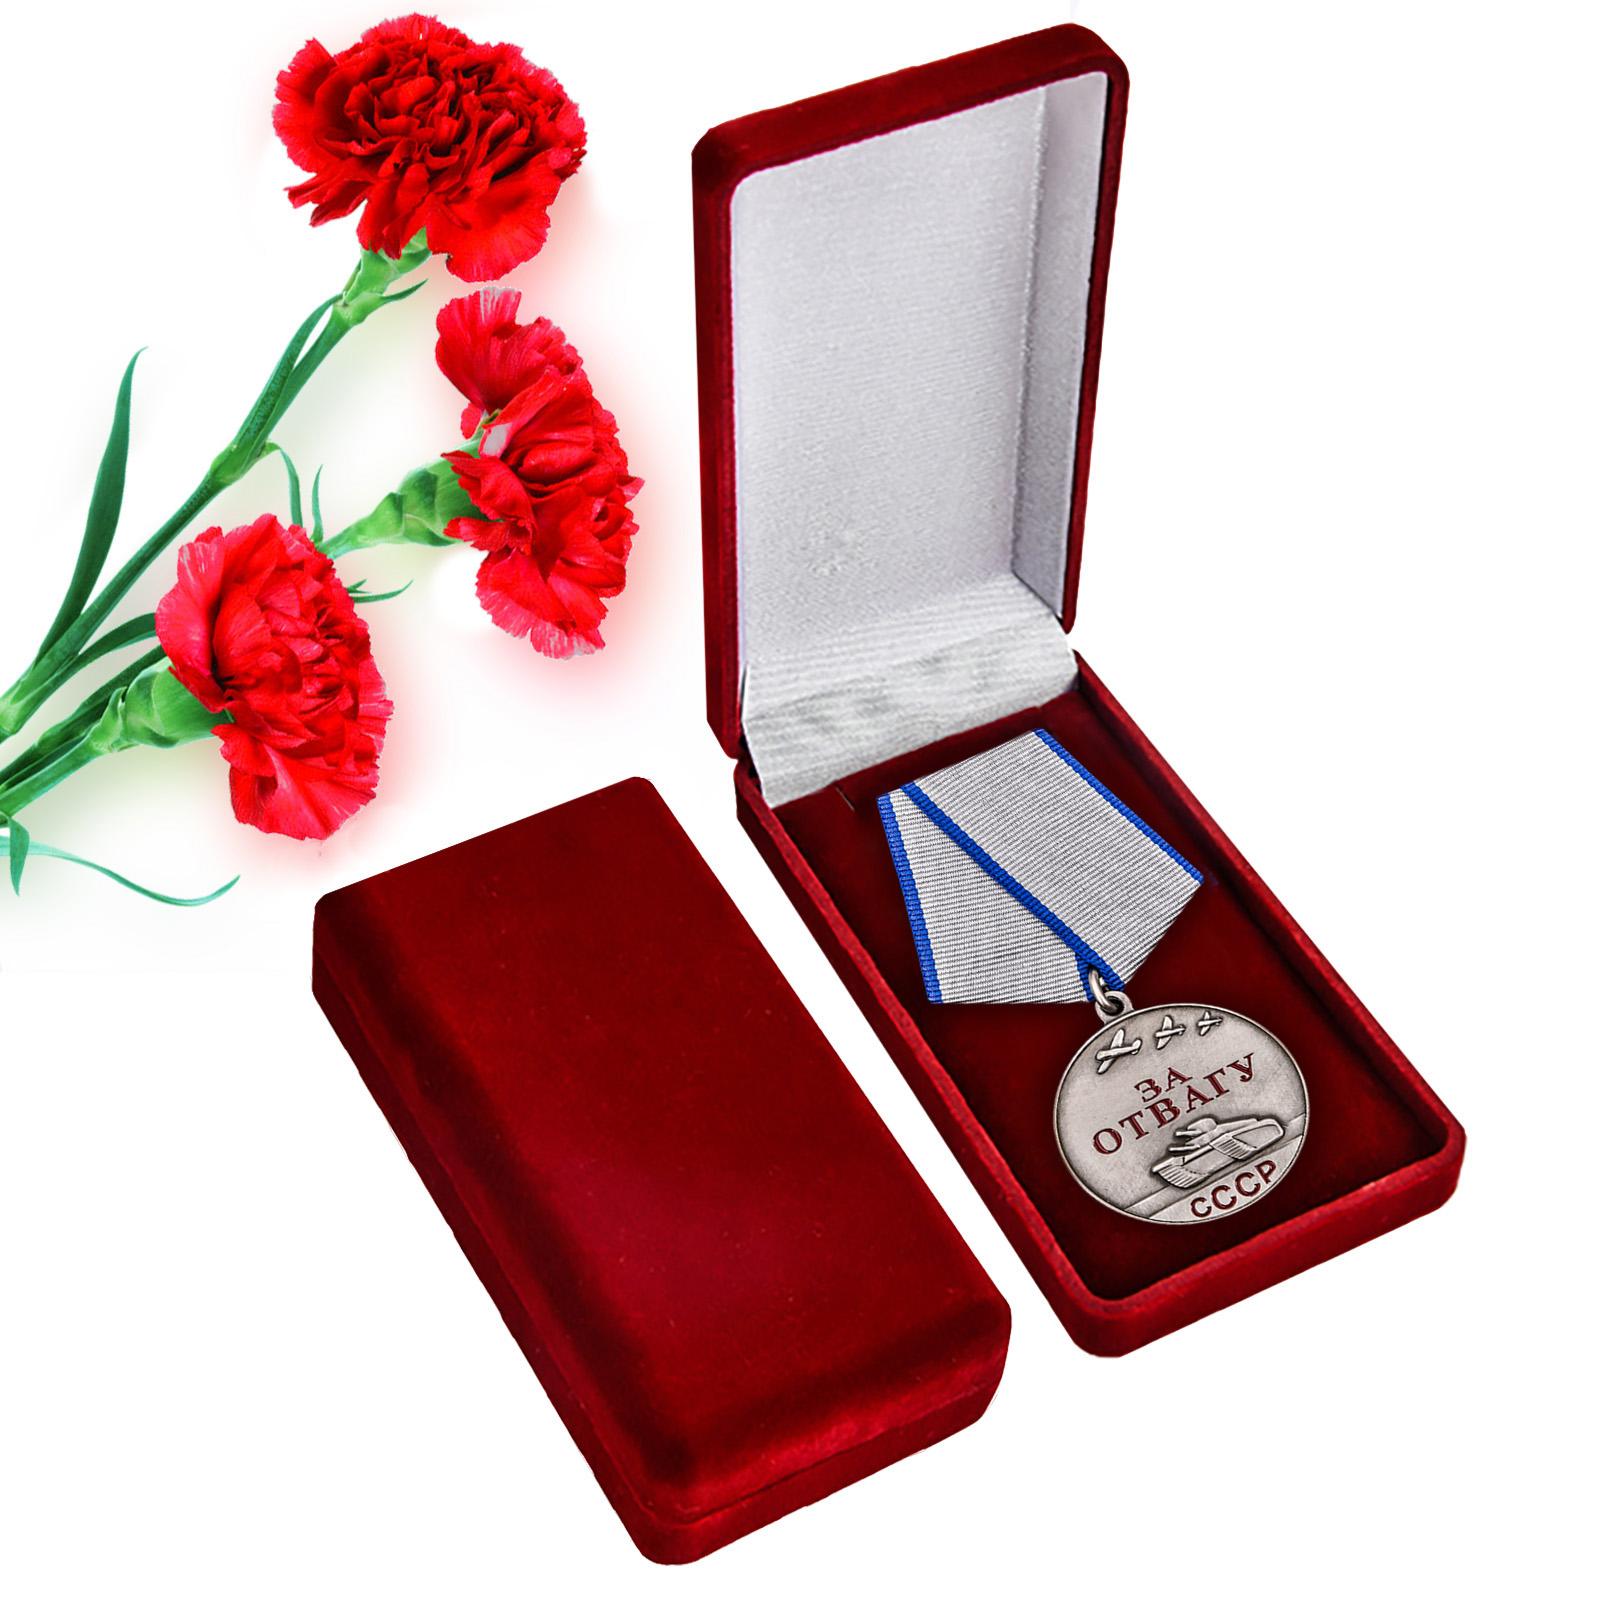 Купить латунную медаль СССР За отвагу 37 мм оптом или в розницу